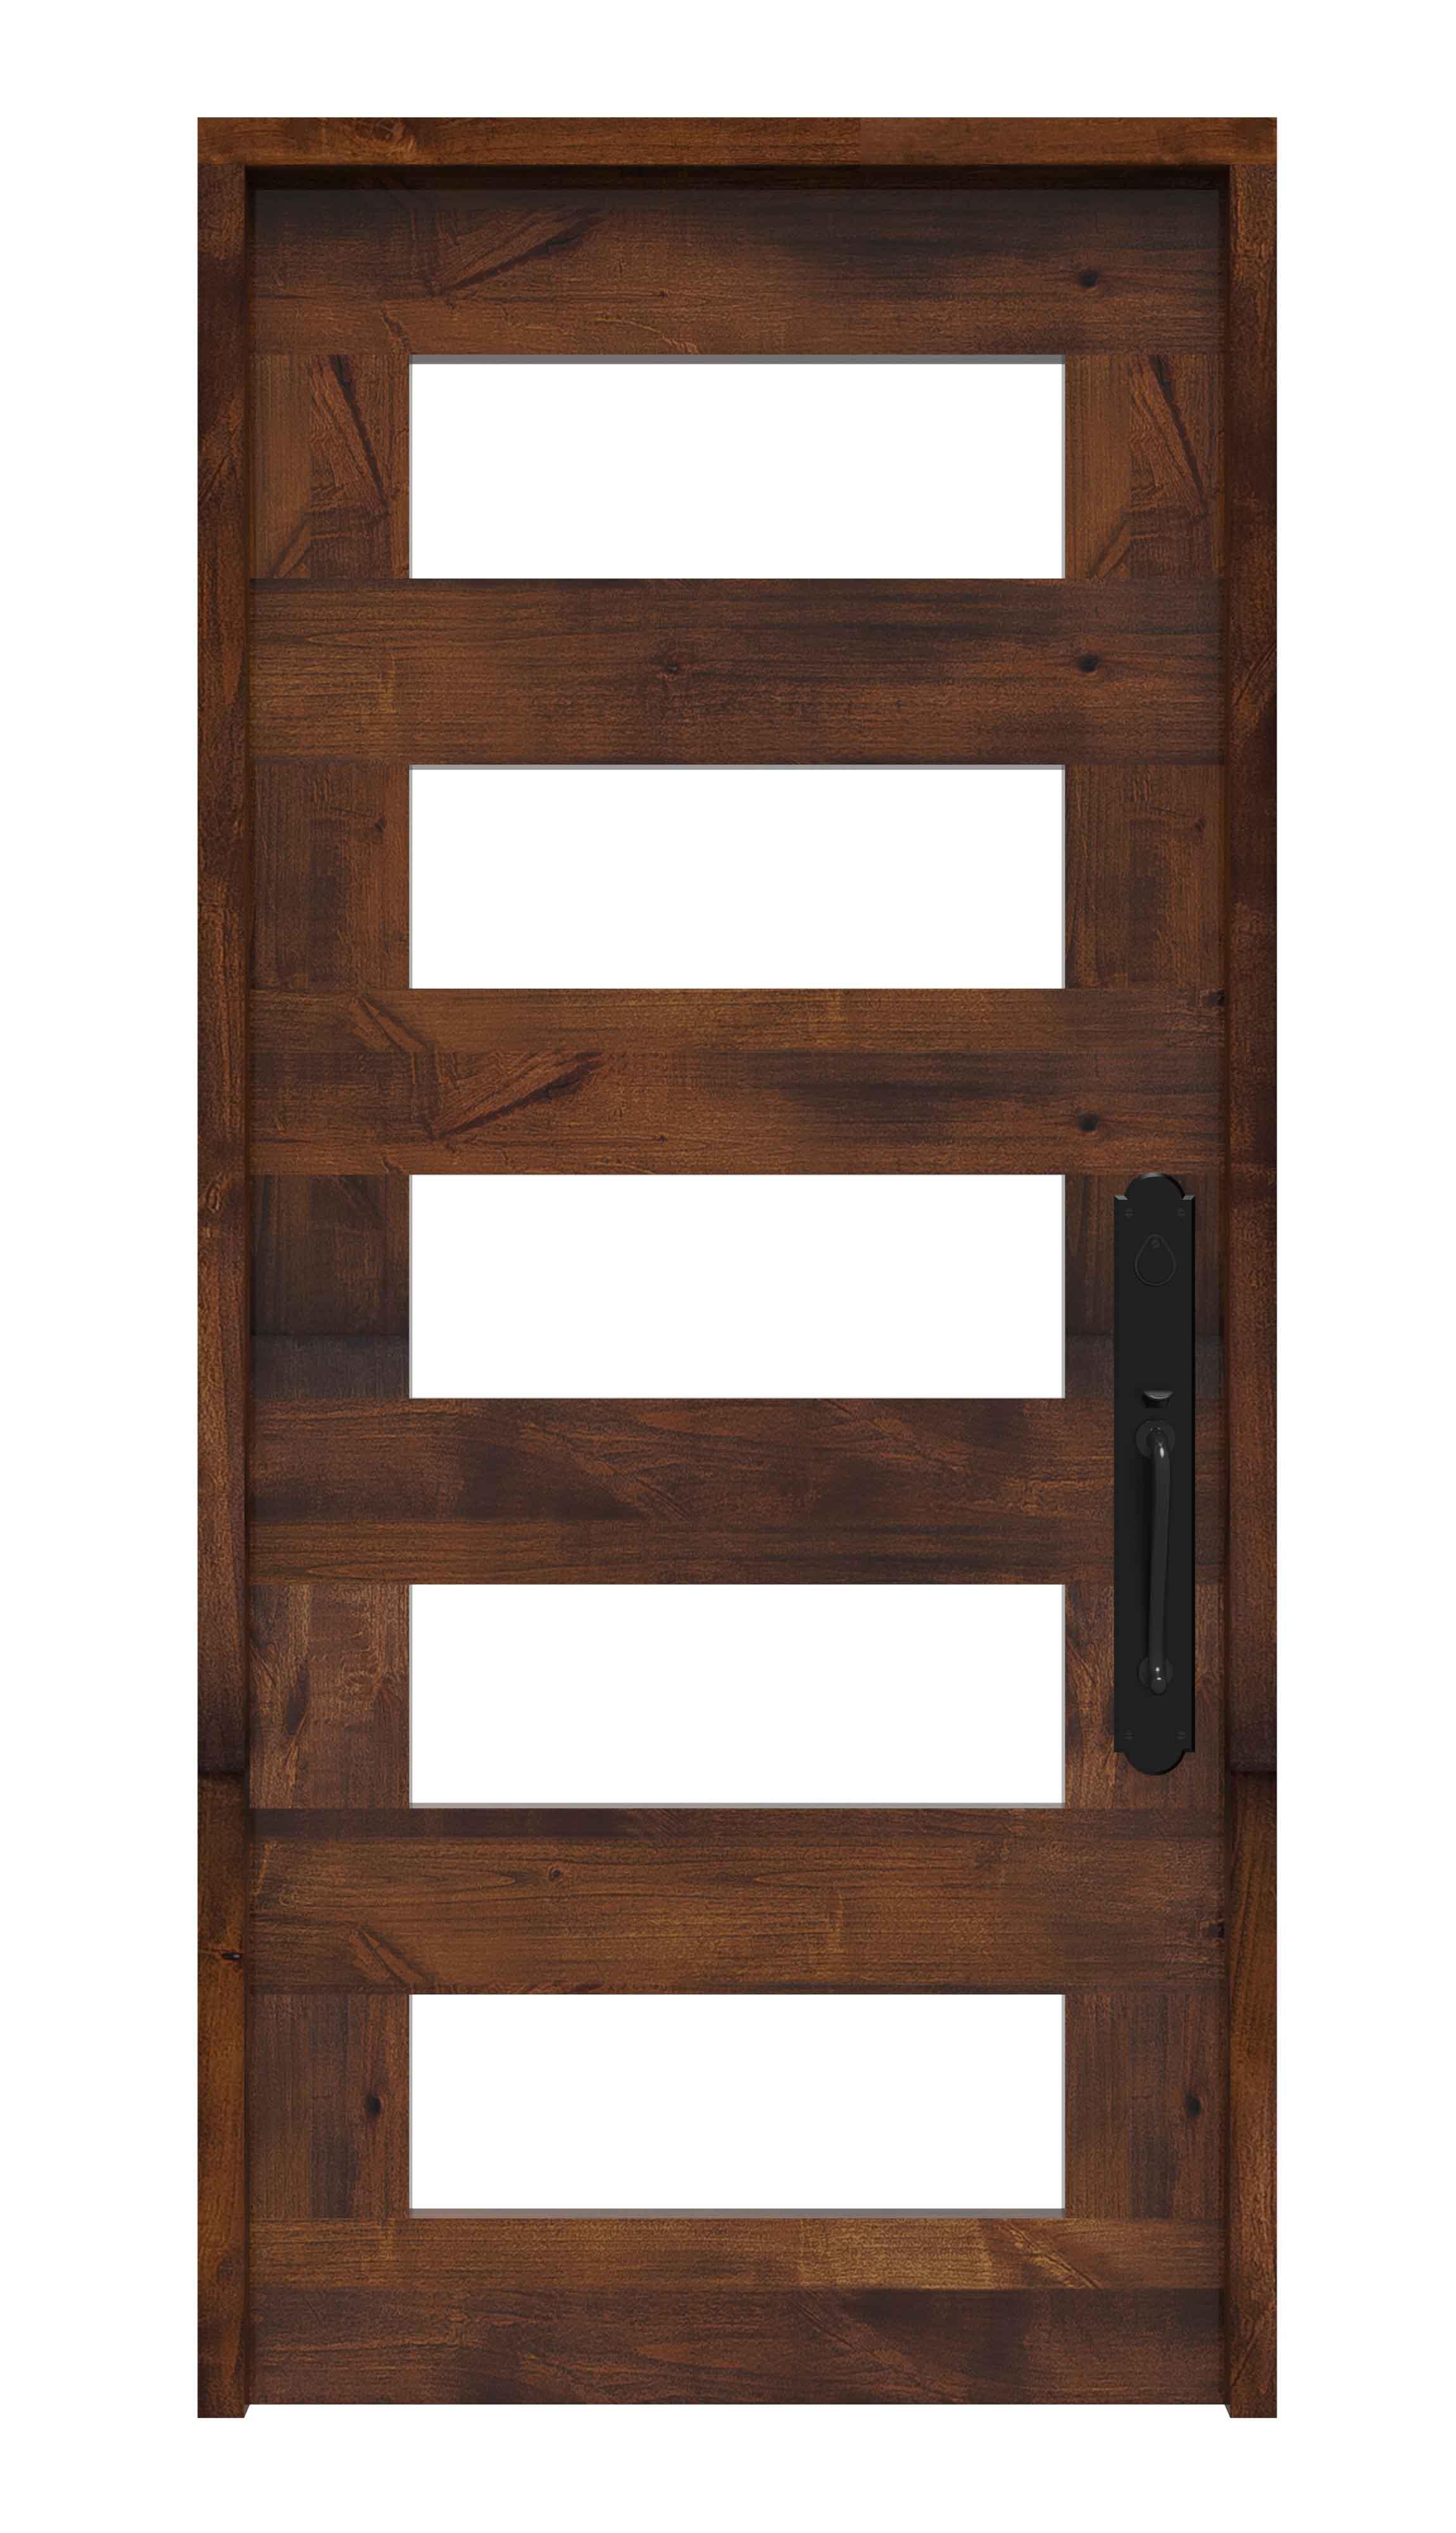 5 Lite Exterior Door With Craftsman Detail Rustica Hardware